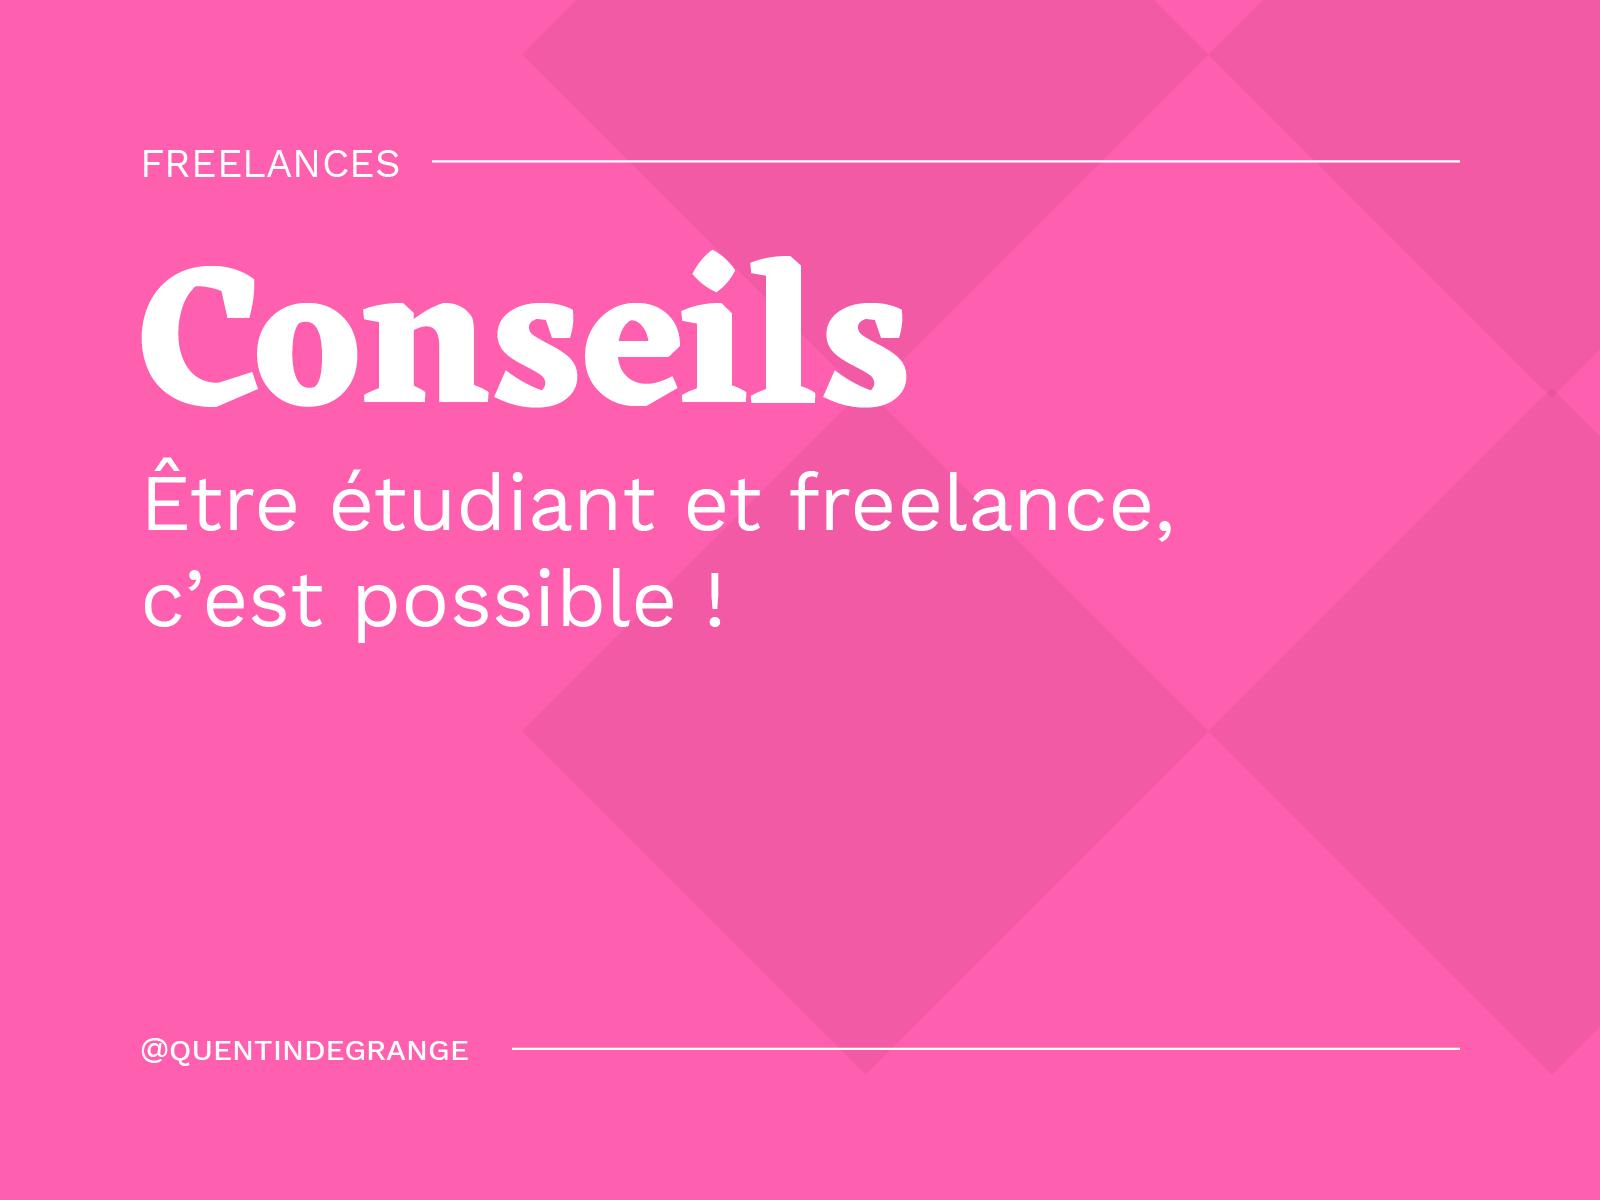 Être étudiant freelance, c'est possible !